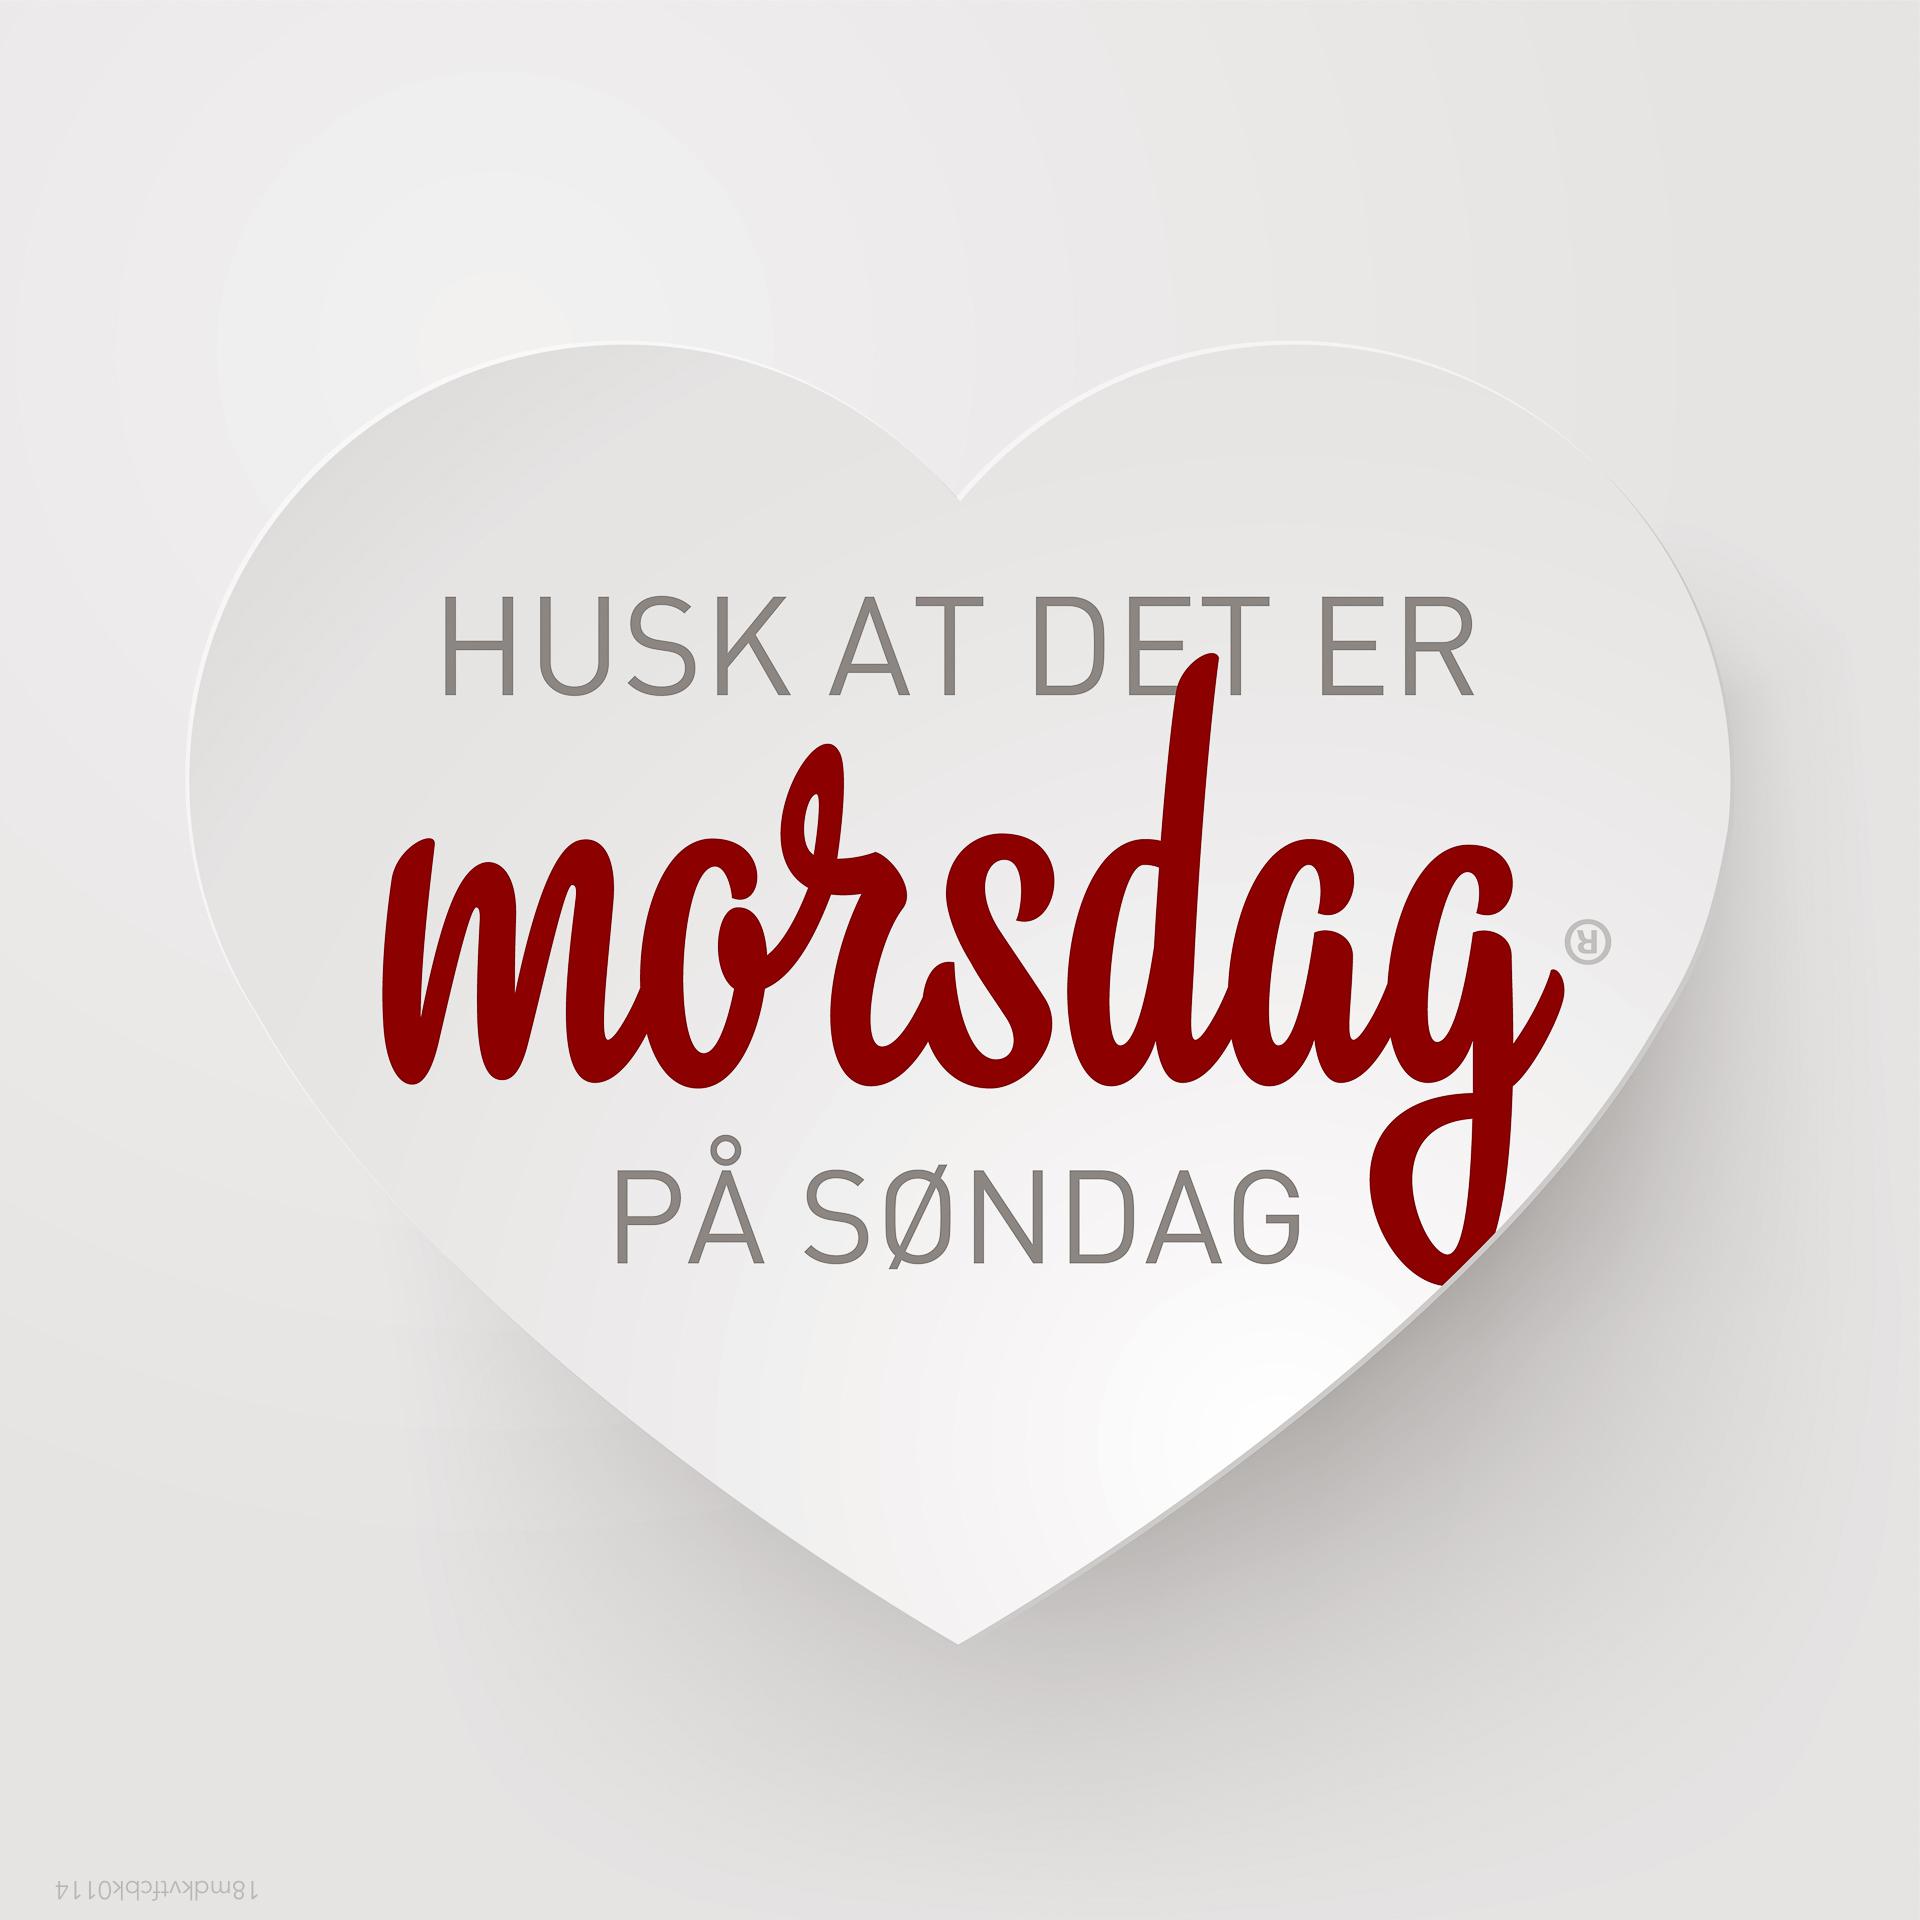 YX Karmøy (Skyggehjerte morsdagspåminnelse)